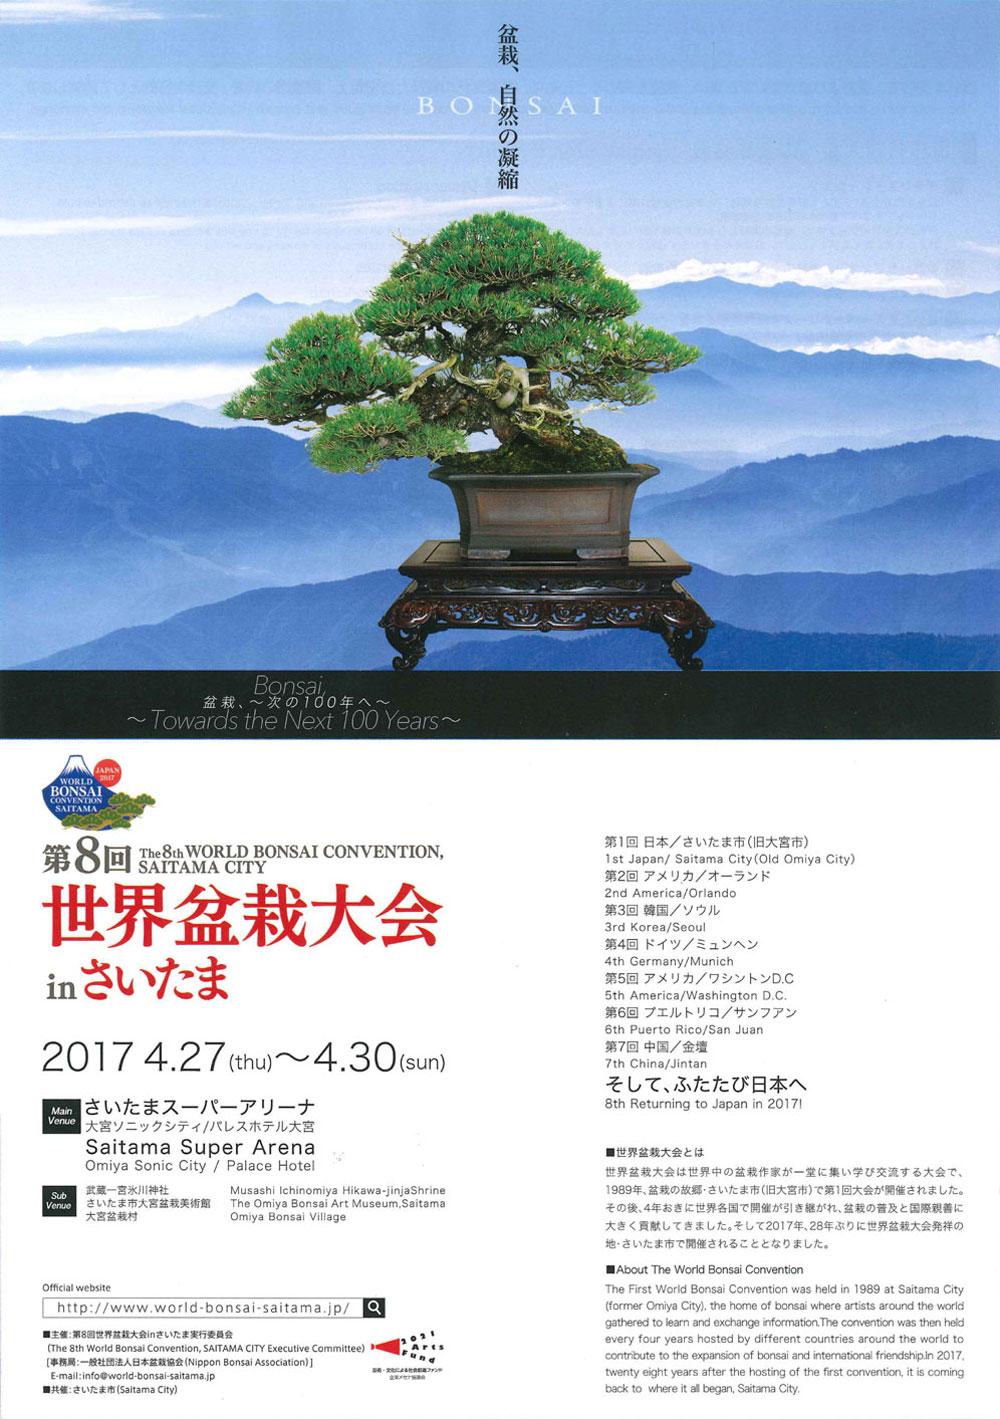 2017年4月27日~30日第8回世界盆栽大会inさいたまThe 8th World Bonsai Convention, SAITAMA CITY